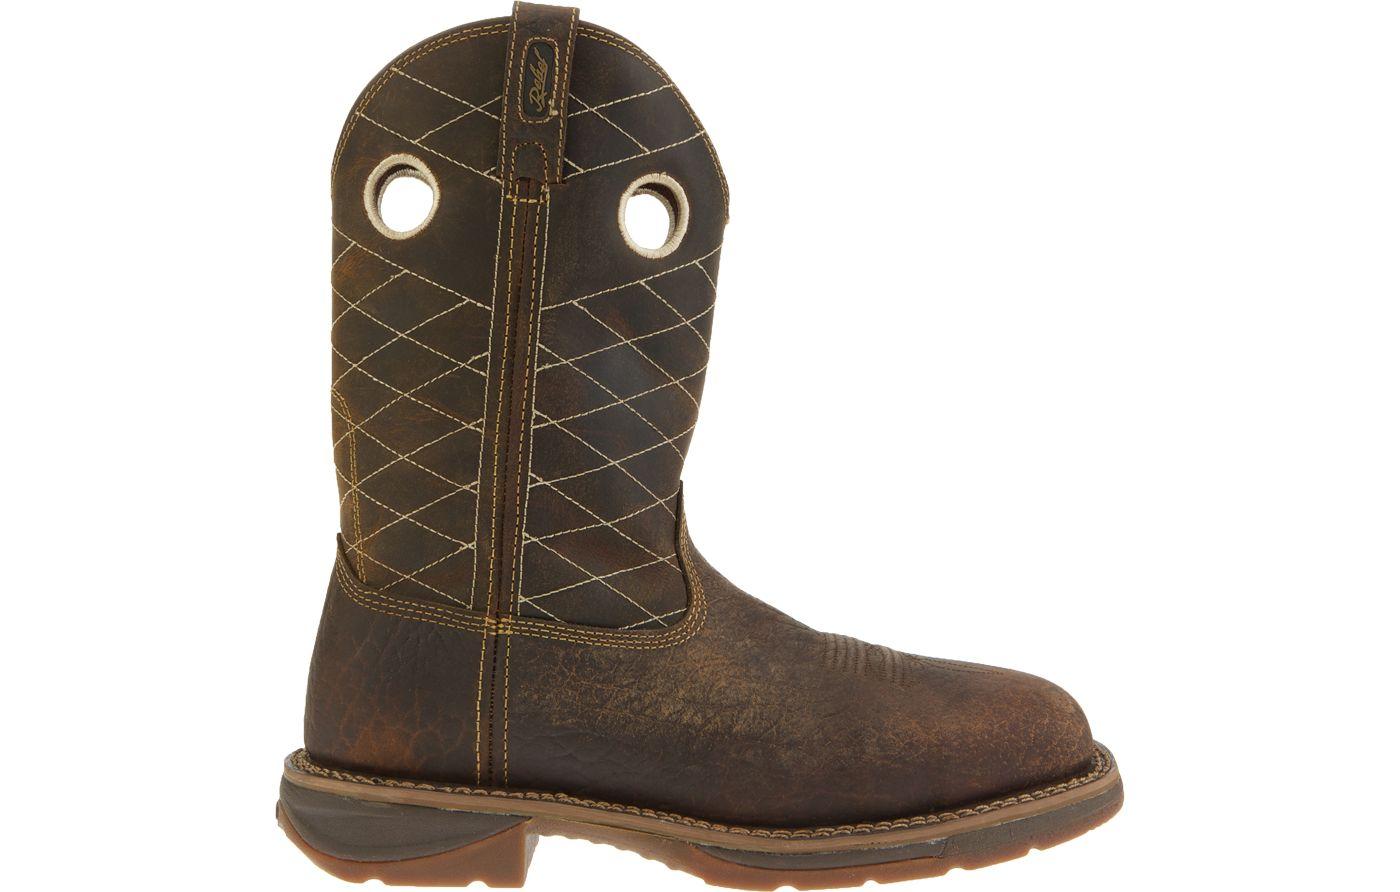 Durango Men's Workin' Rebel Western Work Boots